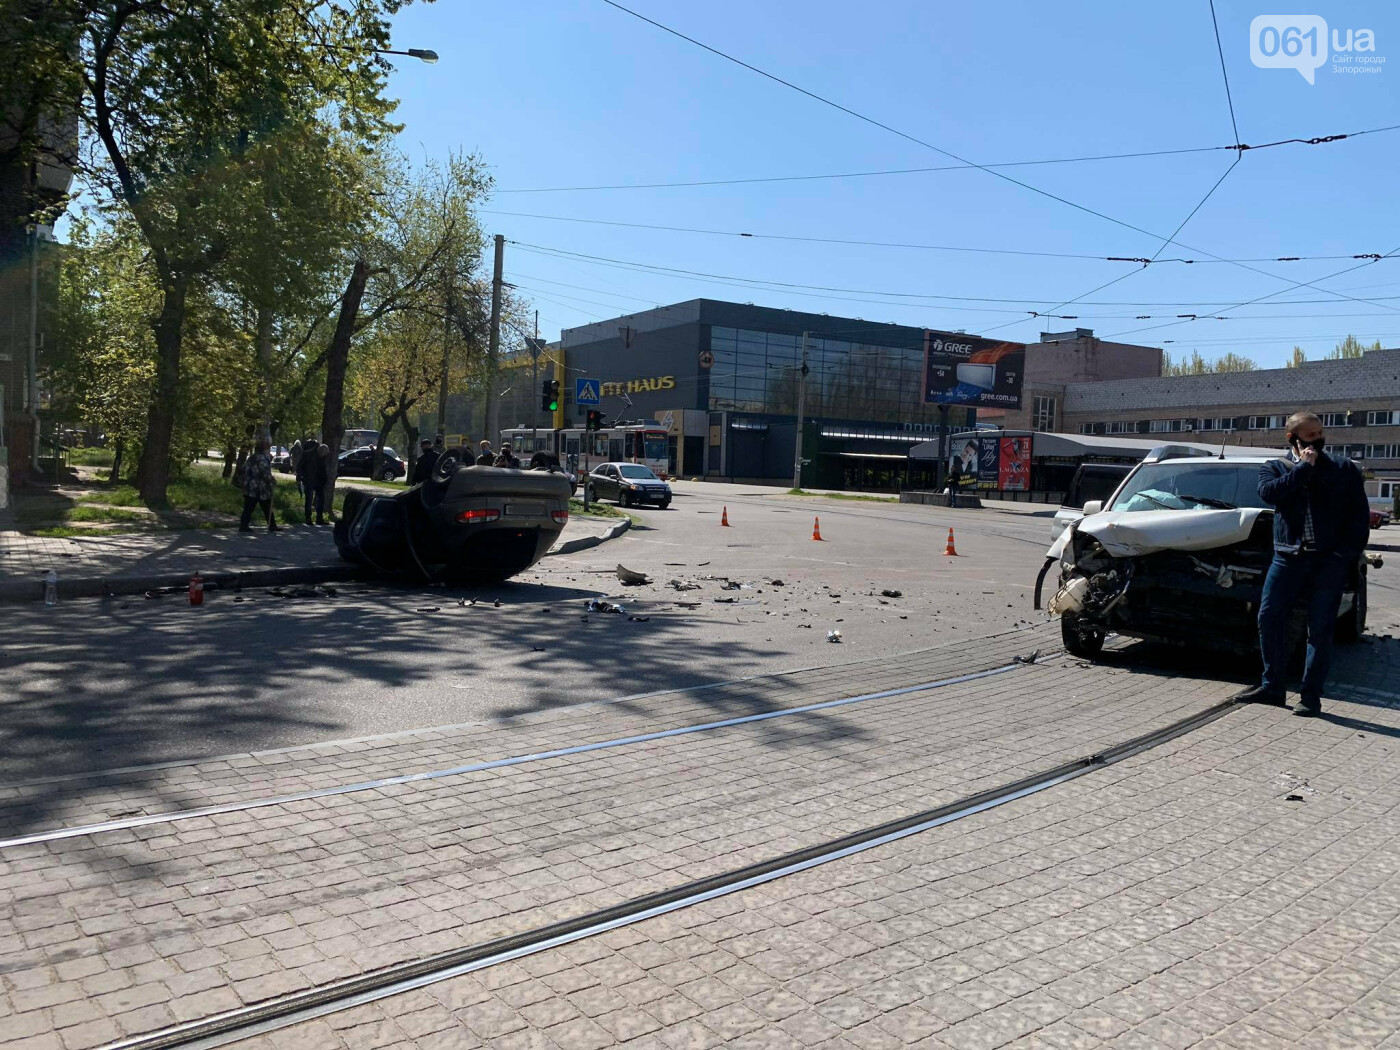 В запорожской полиции рассказали подробности утреннего ДТП с перевернувшимся авто , фото-1